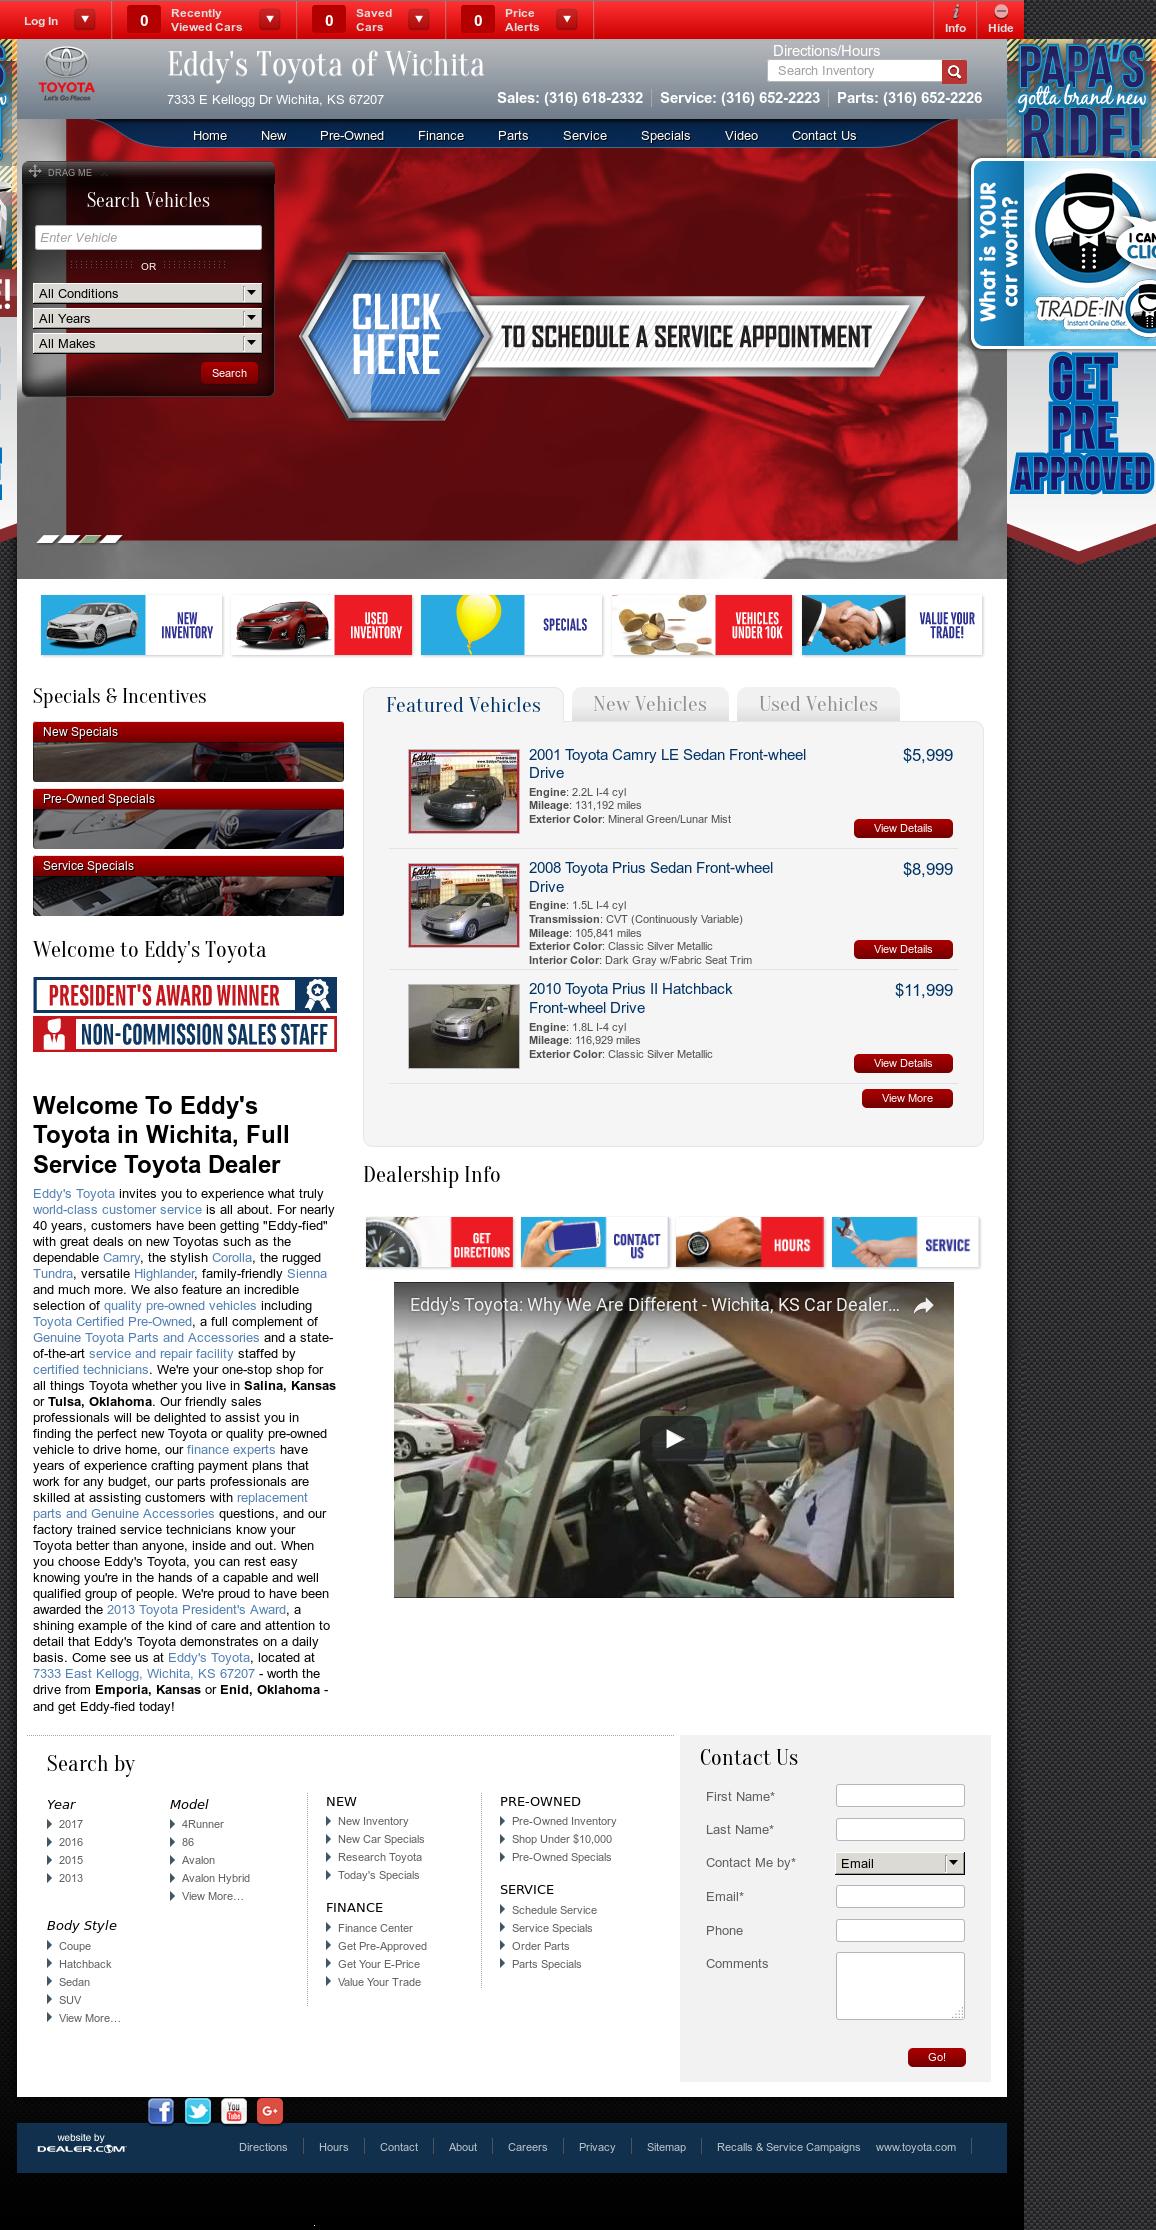 Eddyu0027s Toyota Website History